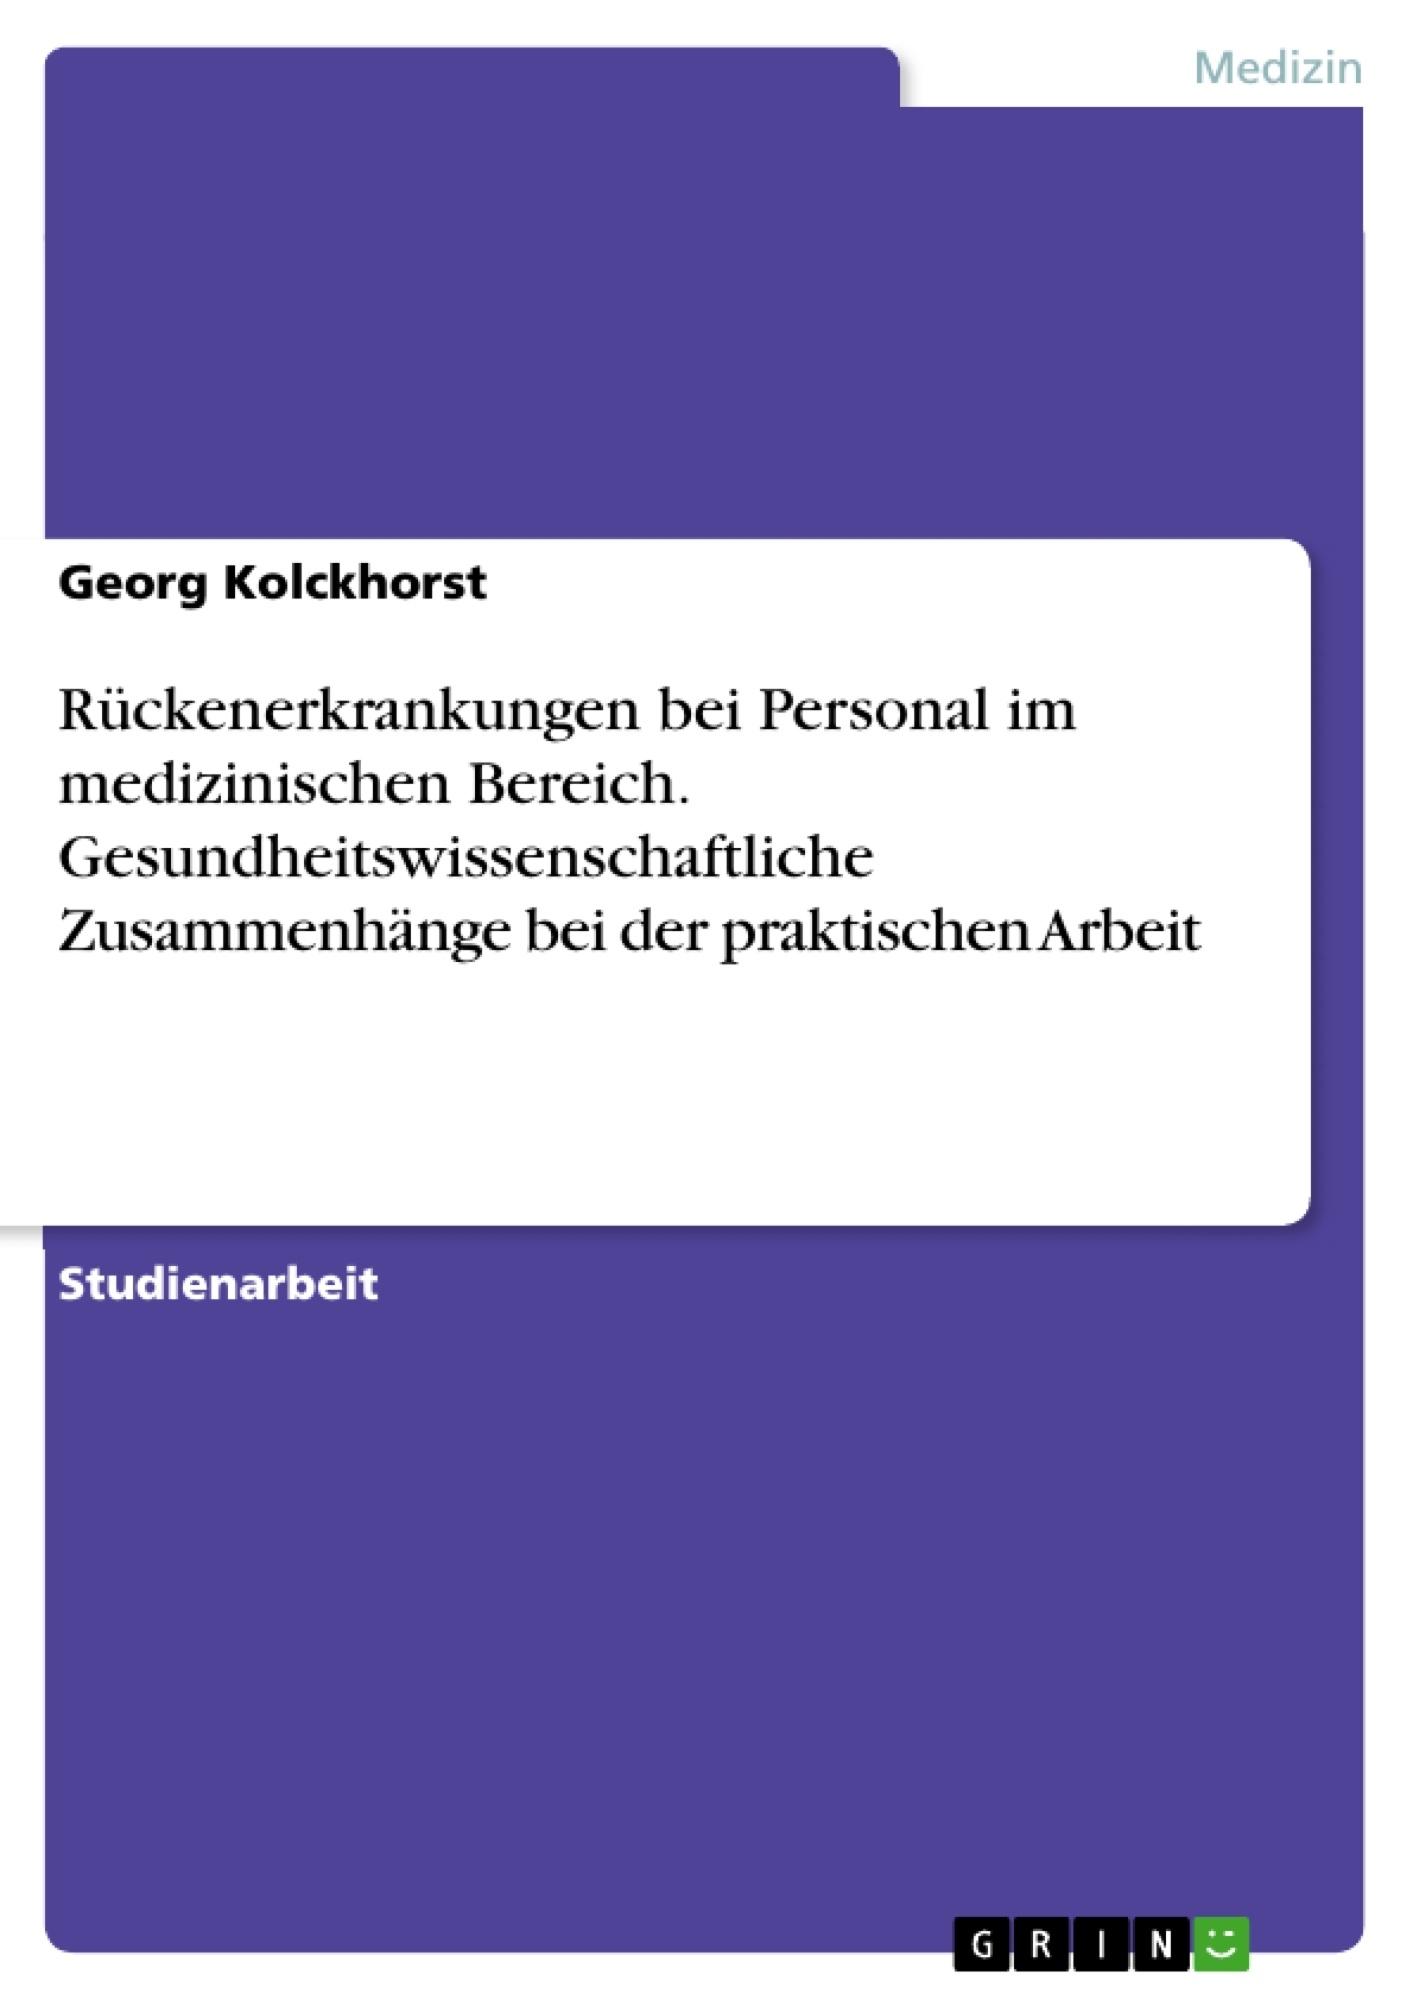 Titel: Rückenerkrankungen bei Personal im medizinischen Bereich. Gesundheitswissenschaftliche Zusammenhänge bei der praktischen Arbeit